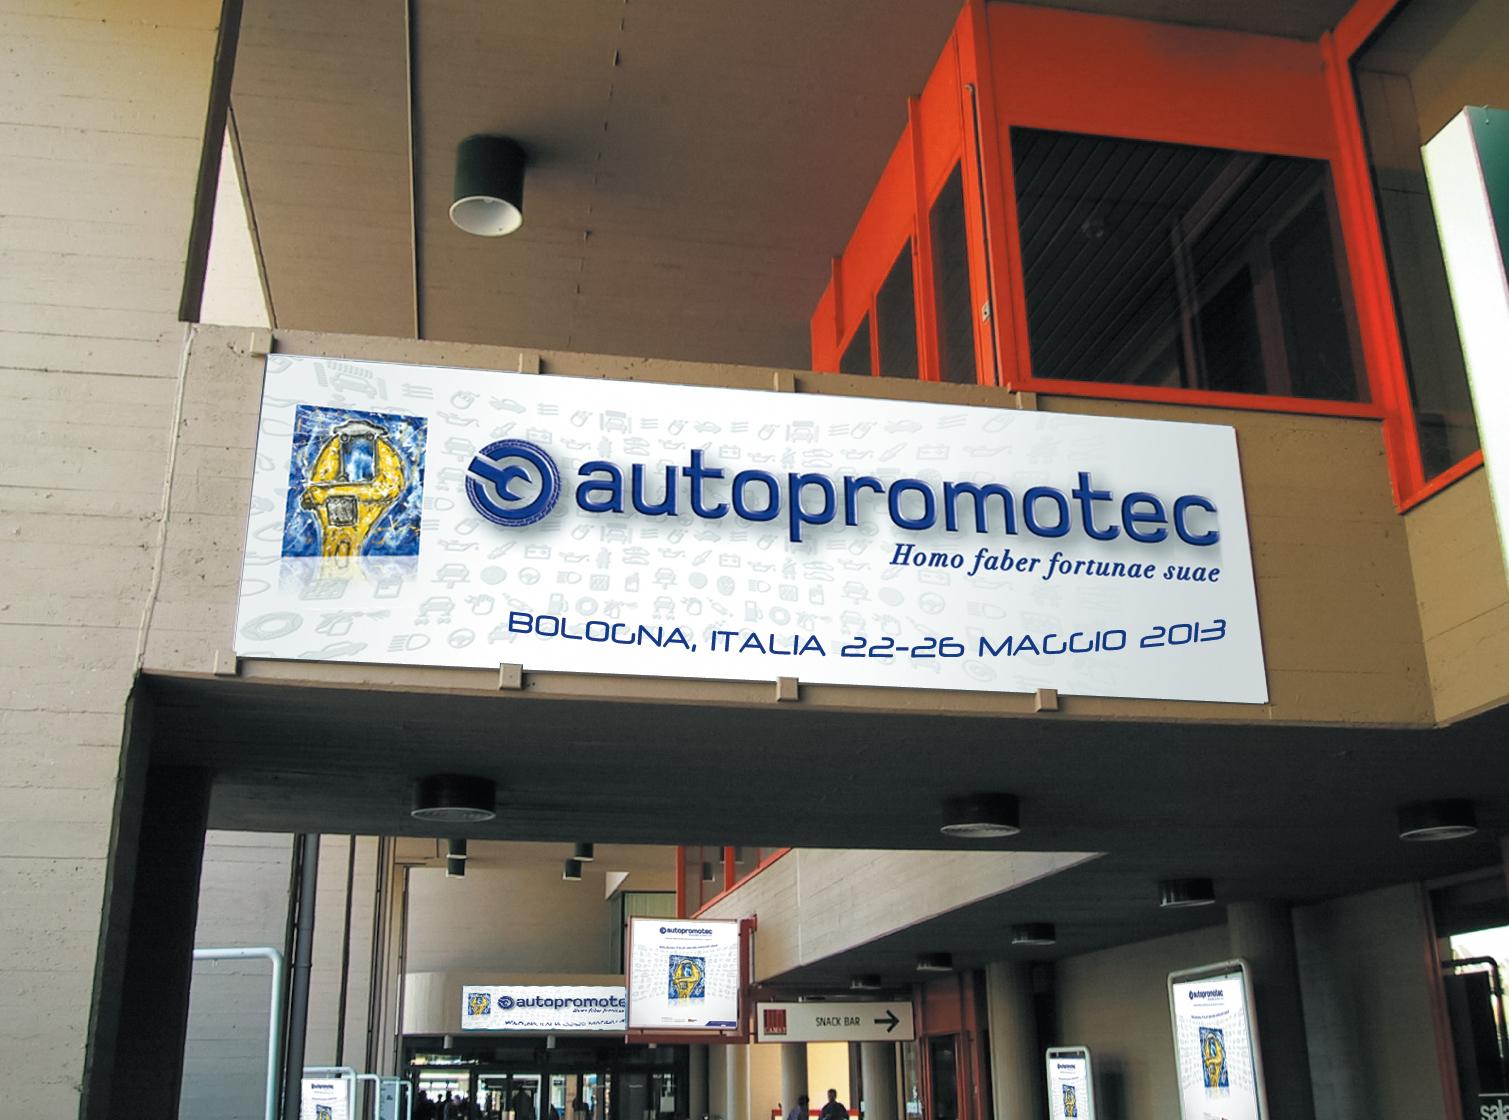 Autopromotec-fiera-2013-cartellonistica 02